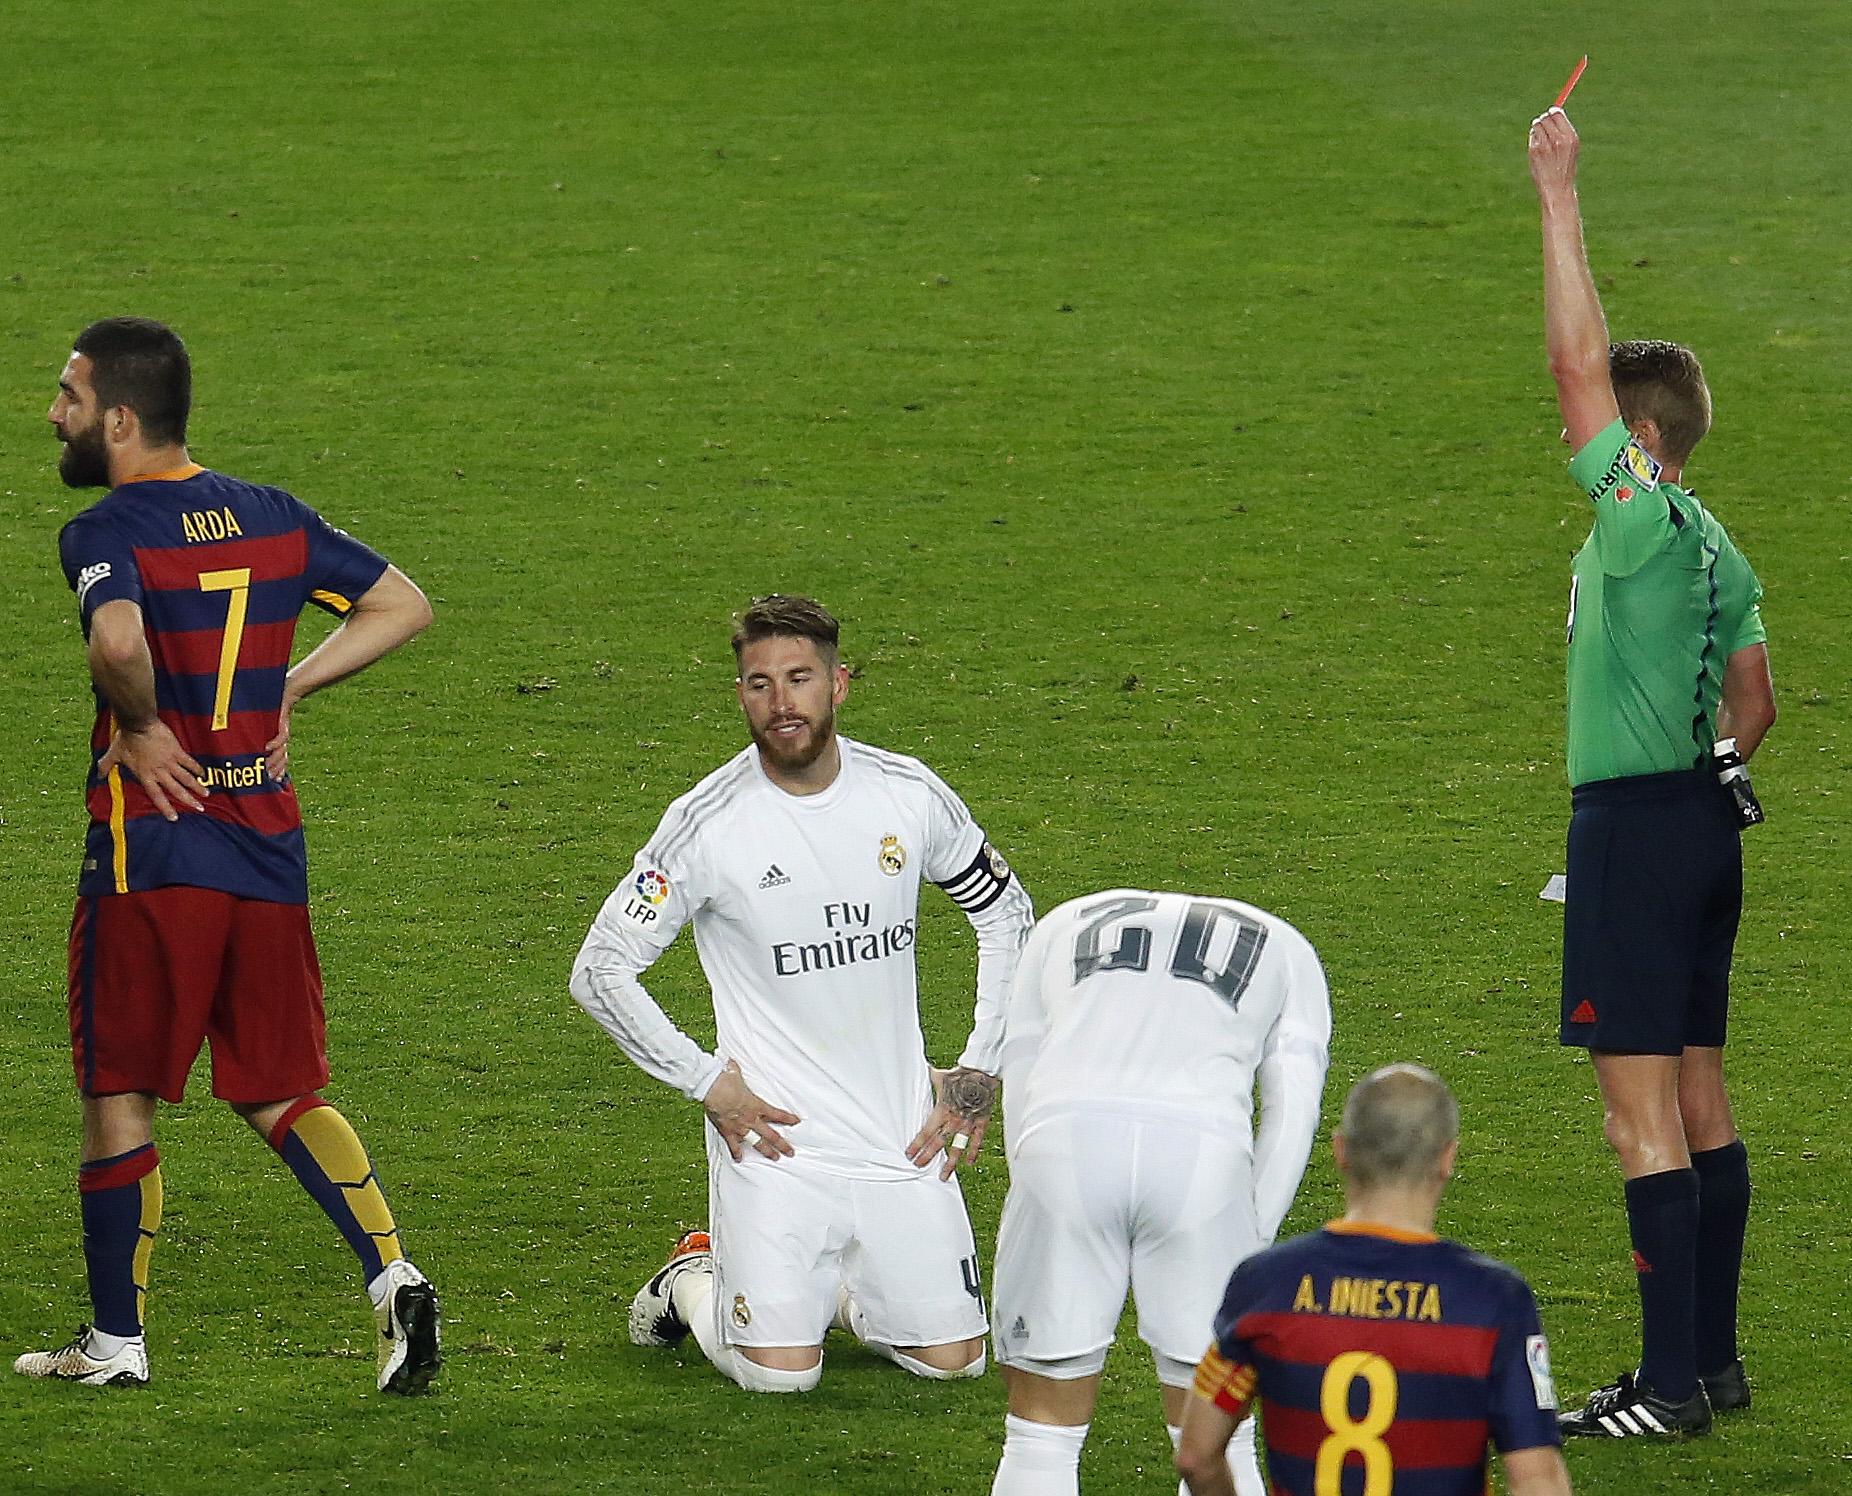 La liga espanhola